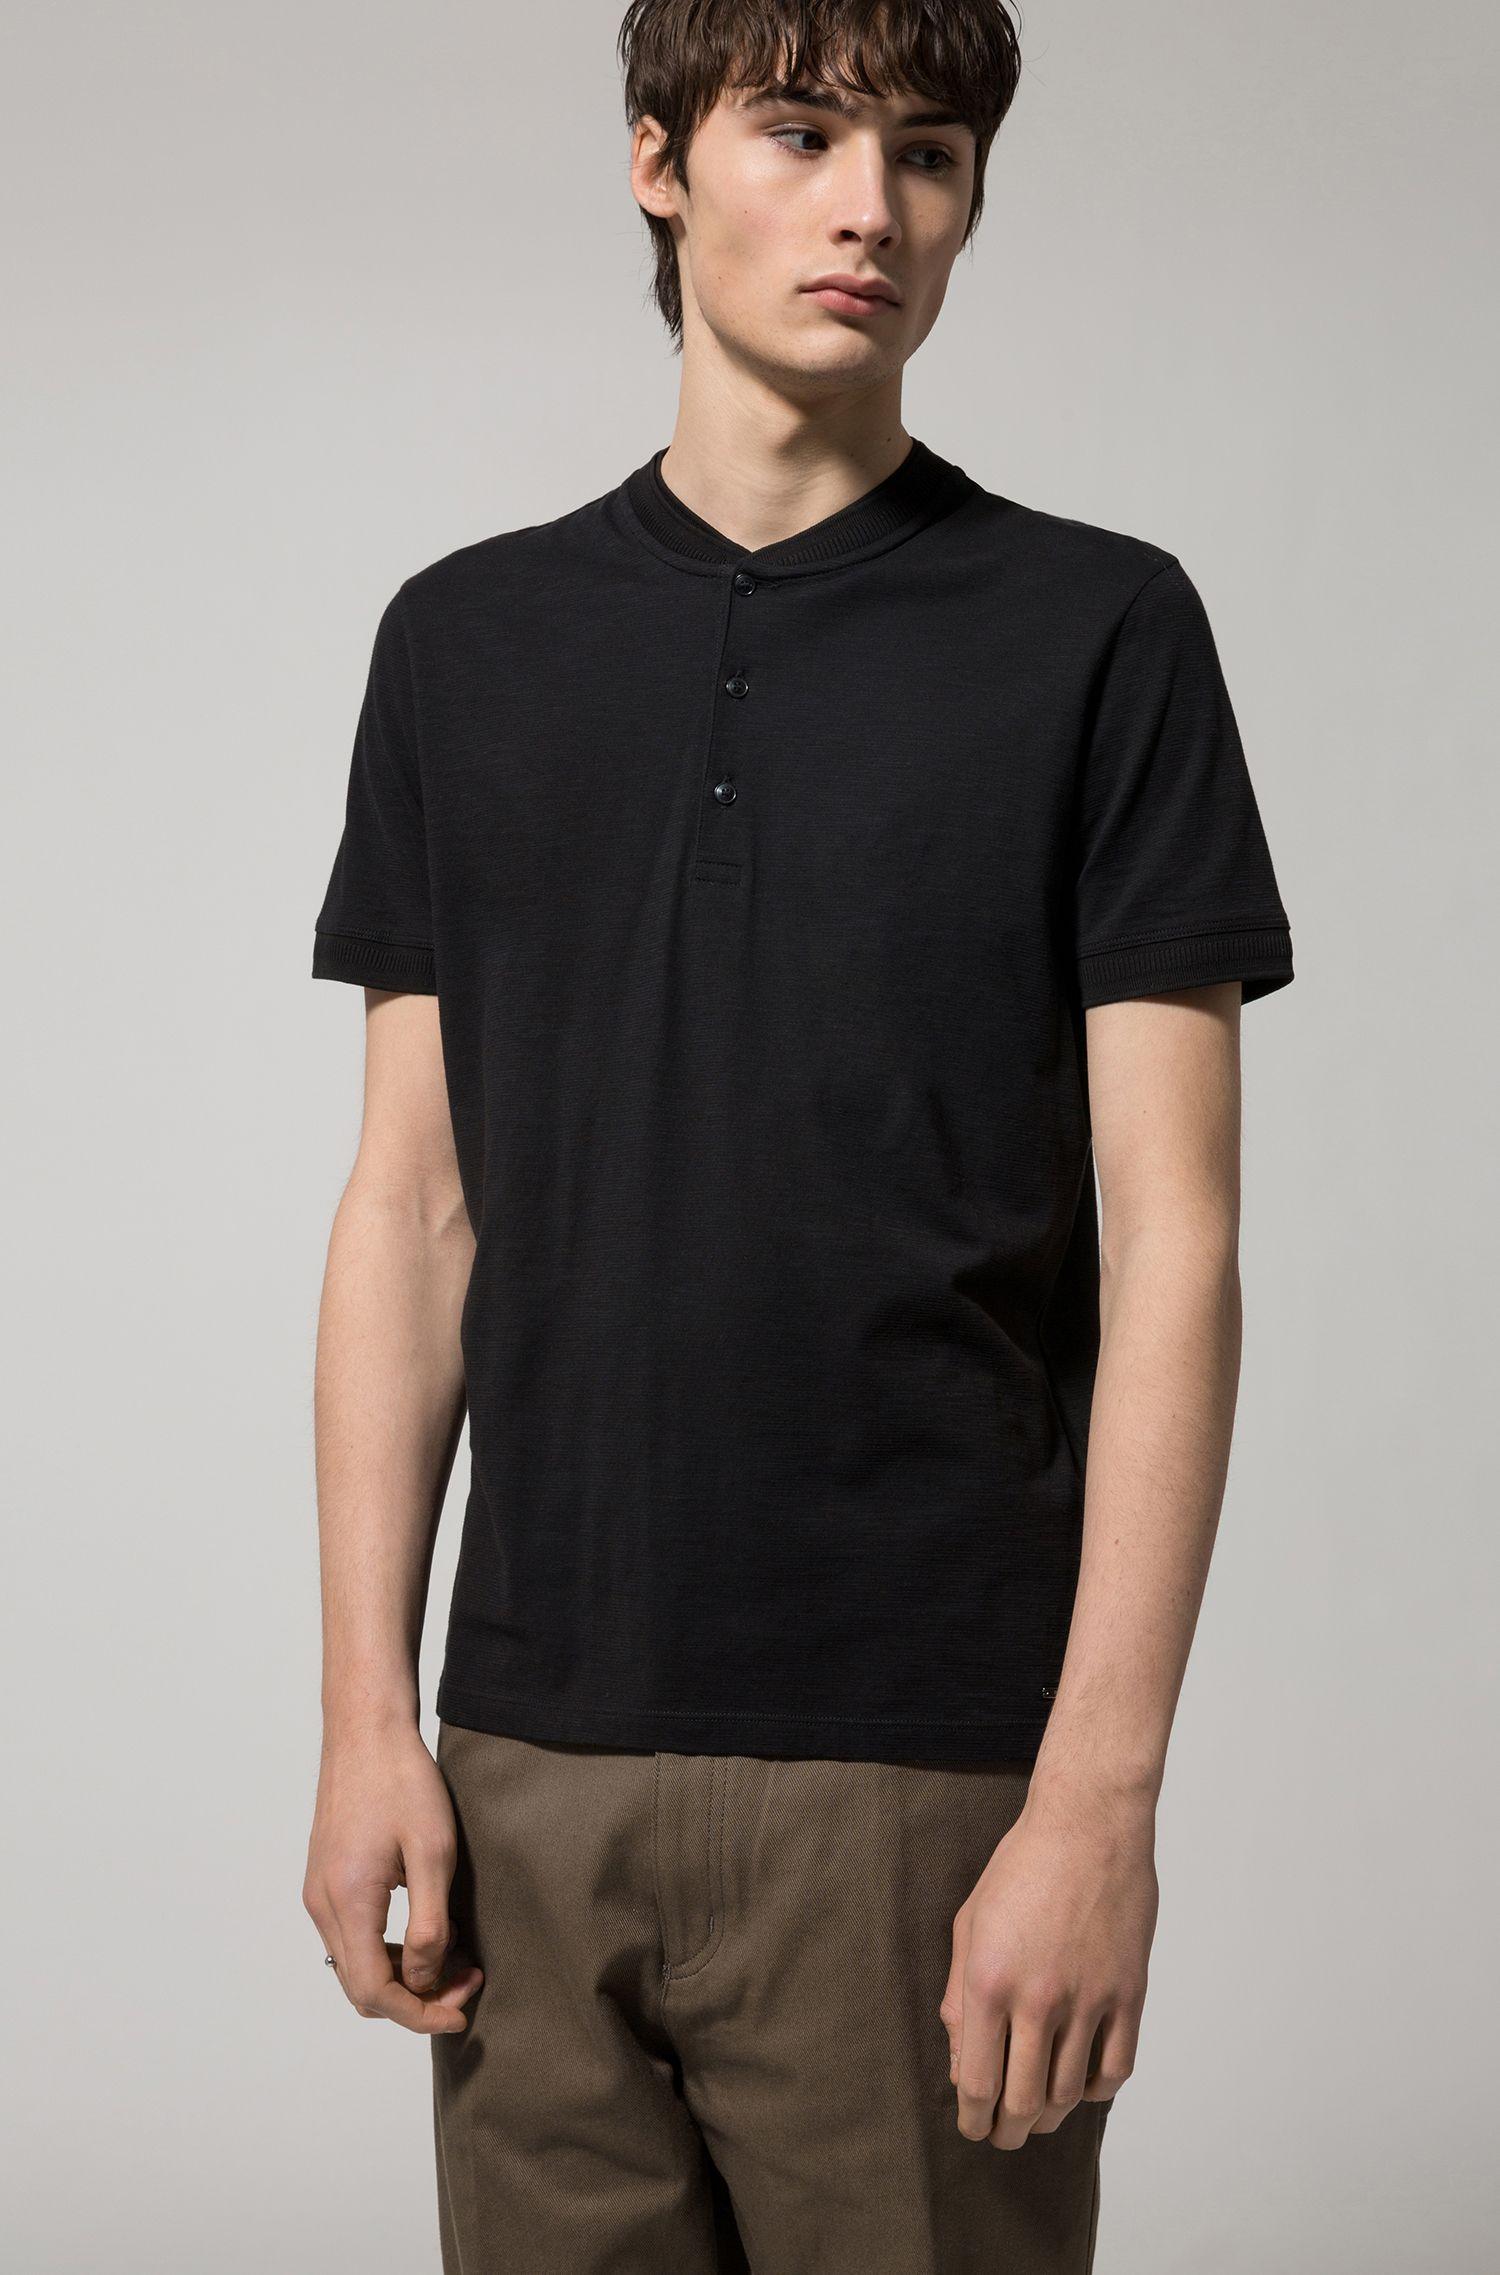 Cotton Henley Shirt | Denots